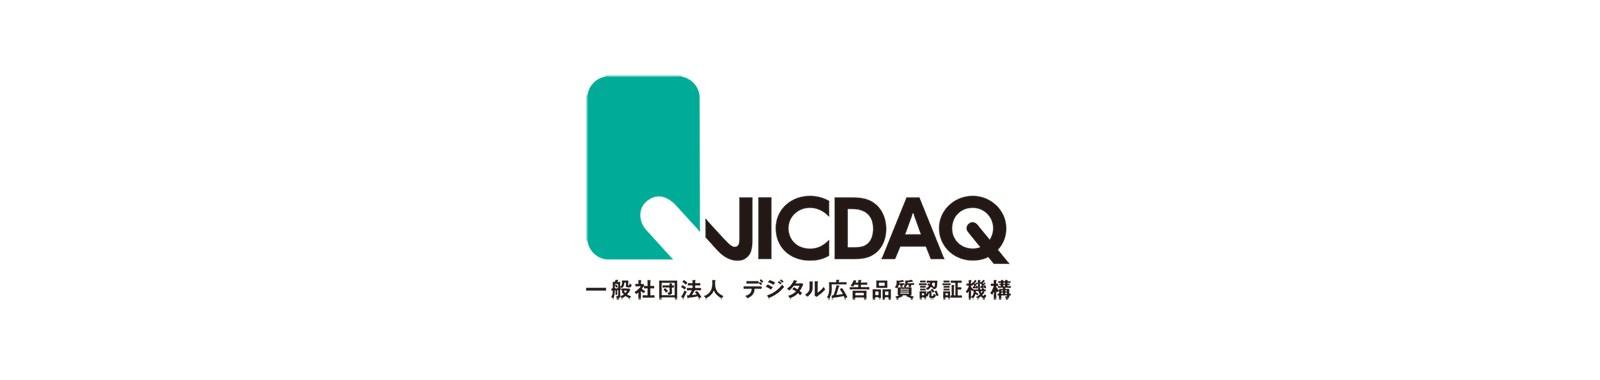 jicdaq_logo-eye